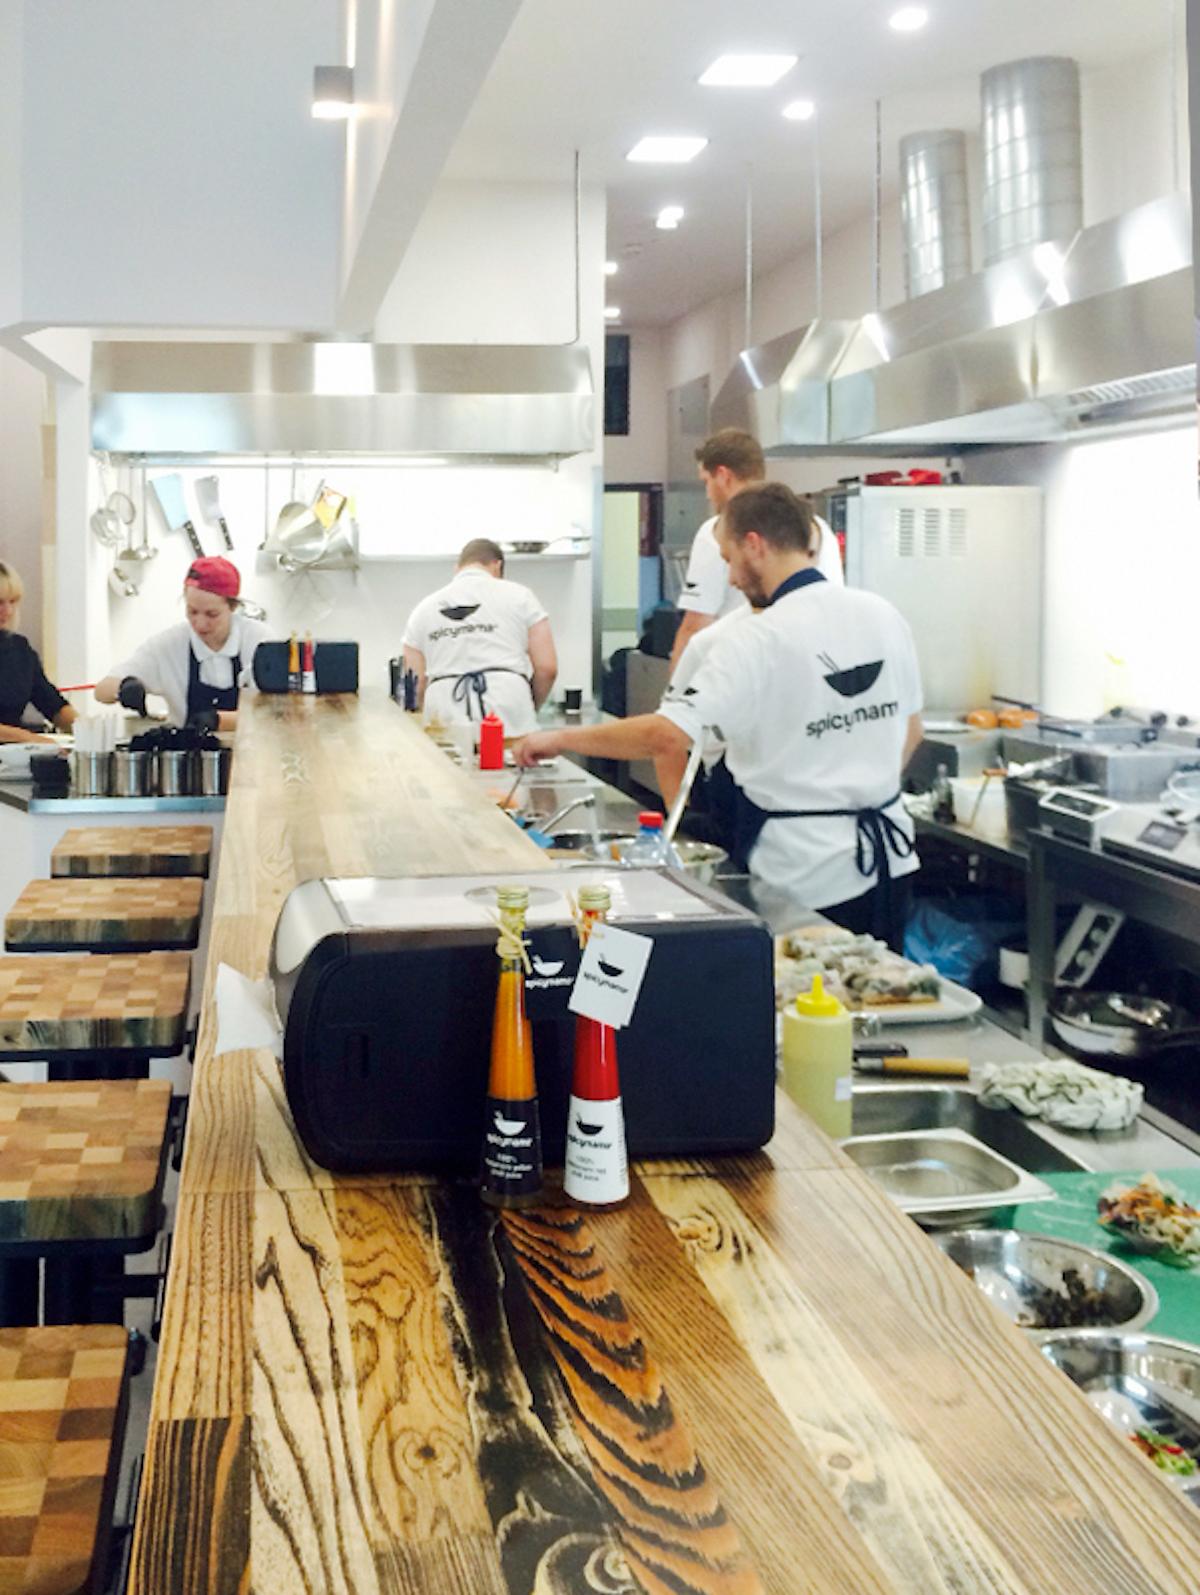 Interiér bistra Spicymama s konceptem otevřené kuchyně